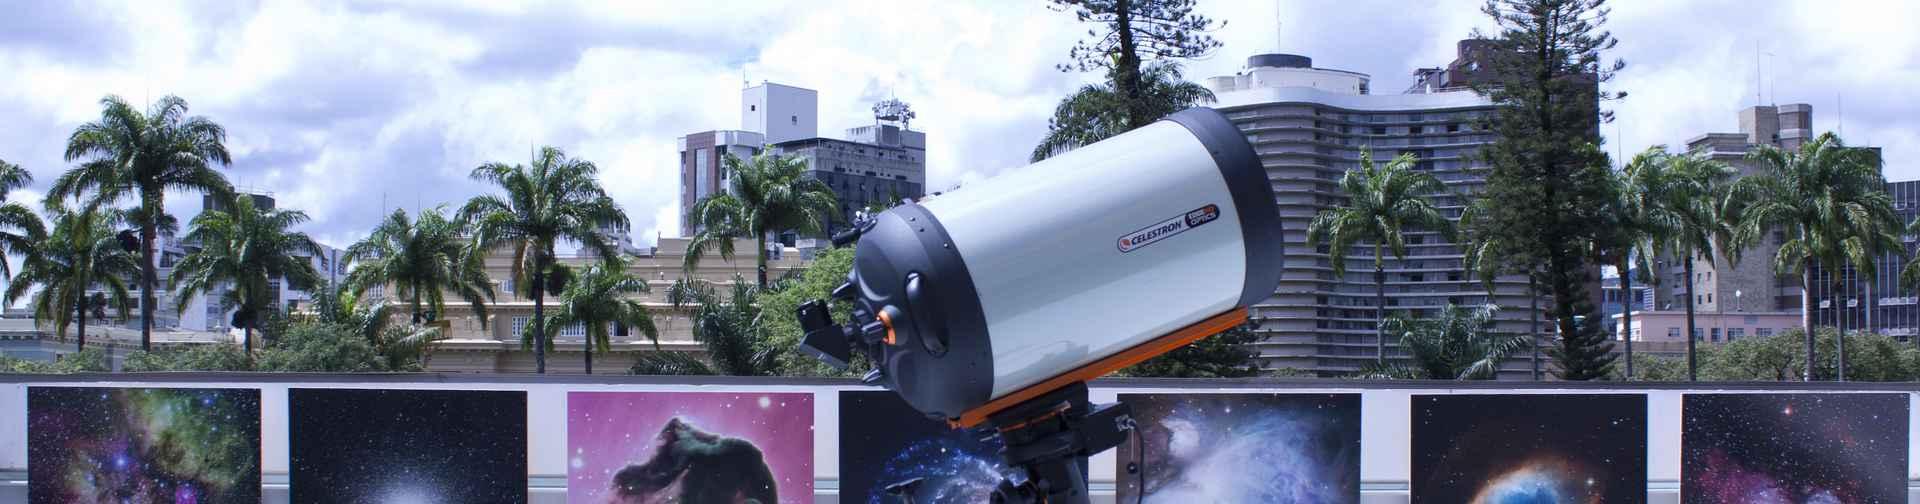 Terraço astronômico: telescópio gera imagens em alta definição